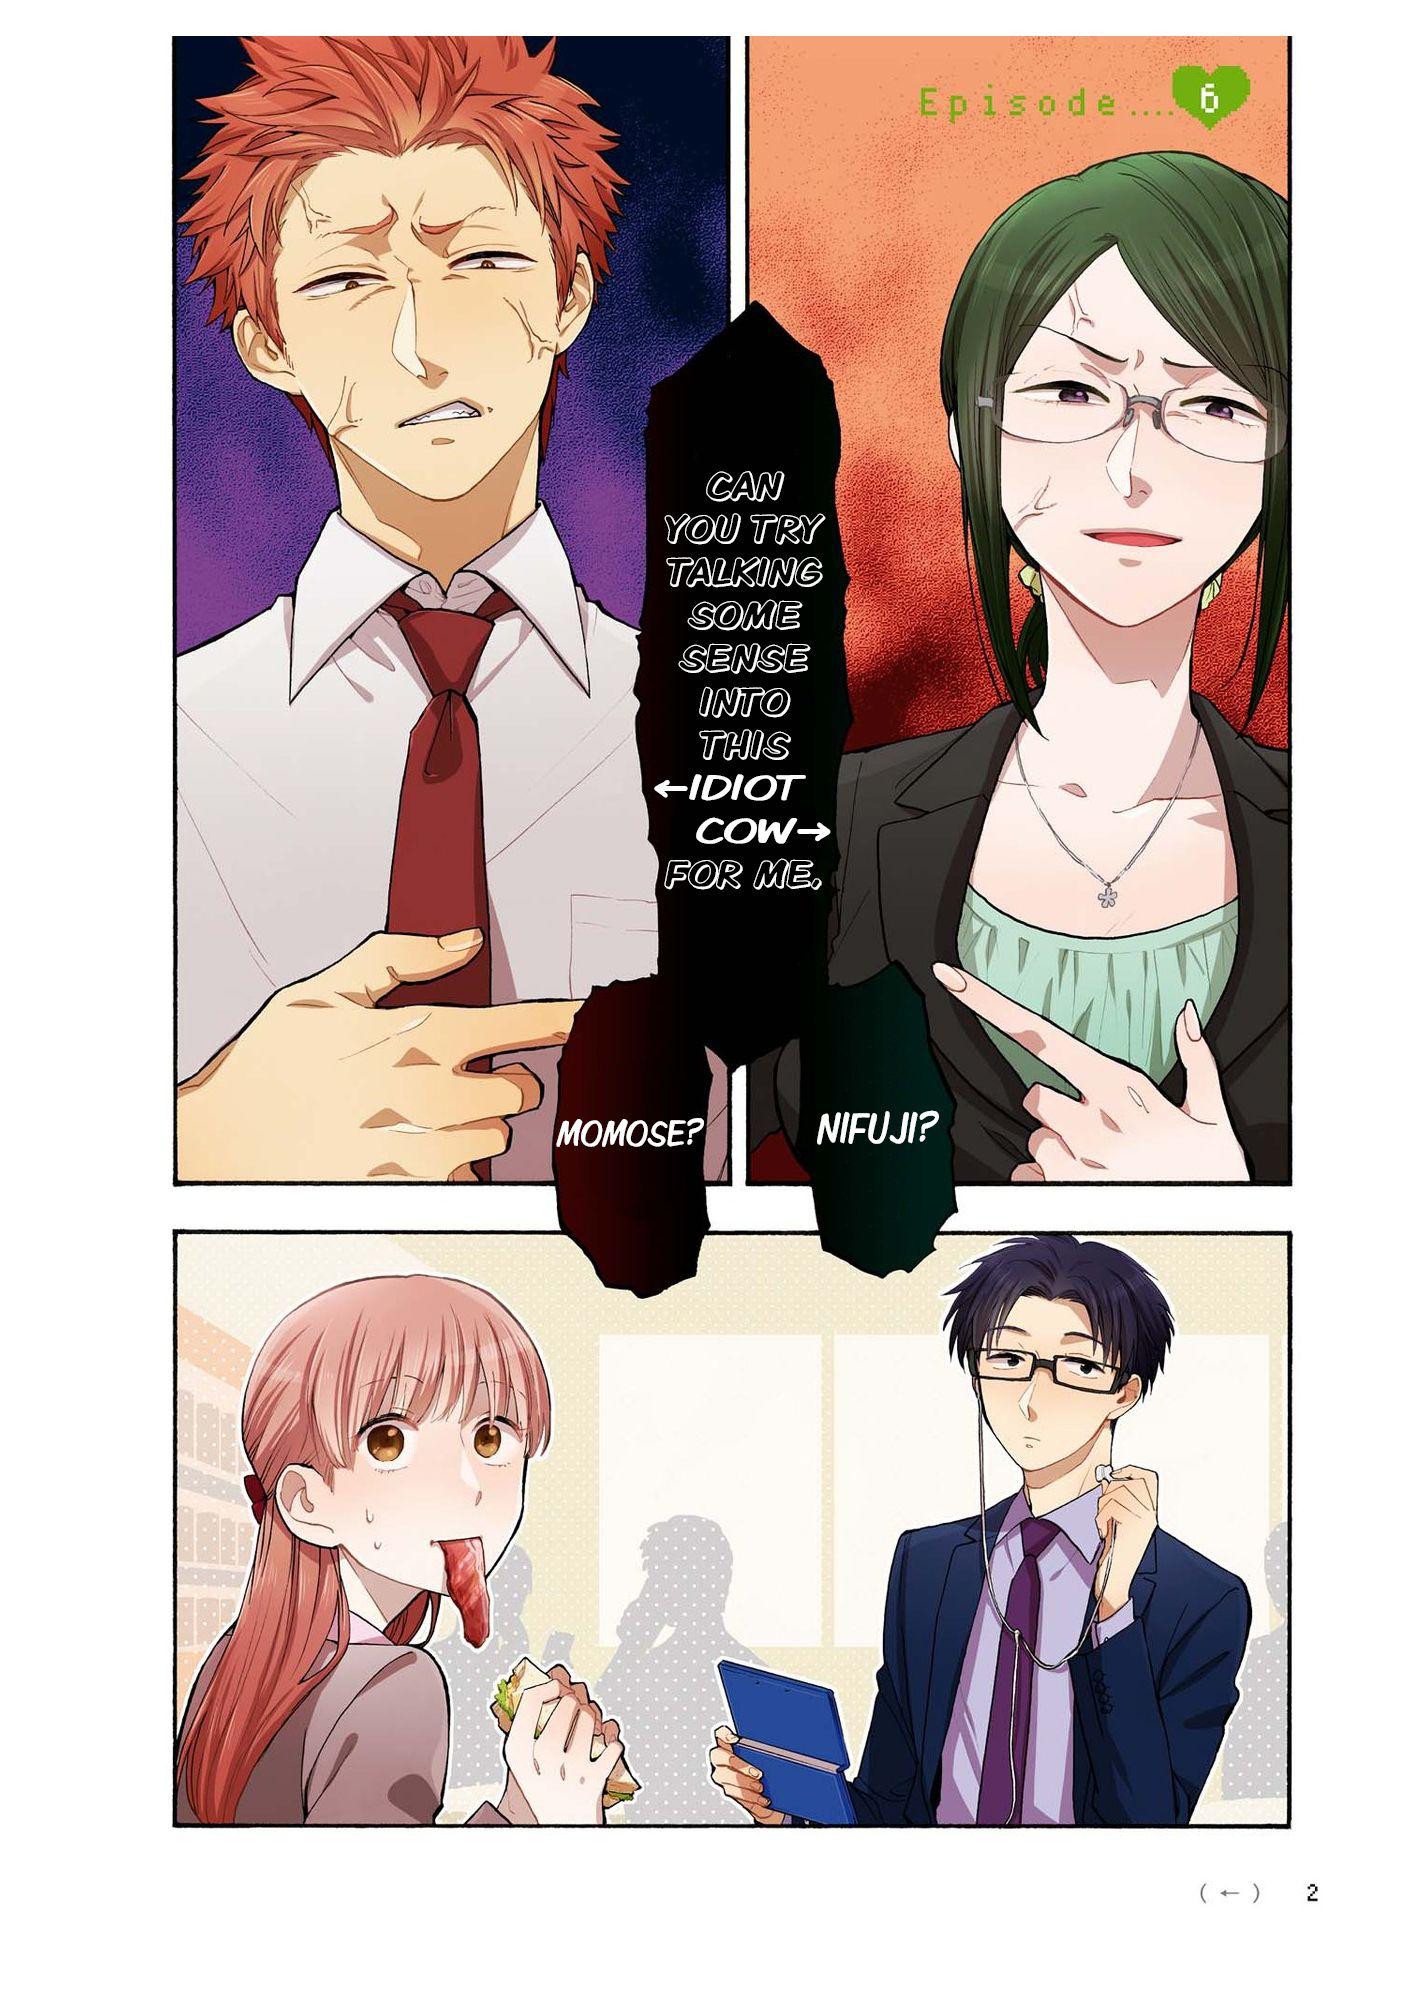 Read manga Wotaku ni Koi wa Muzukashii Vol.002 Ch.006